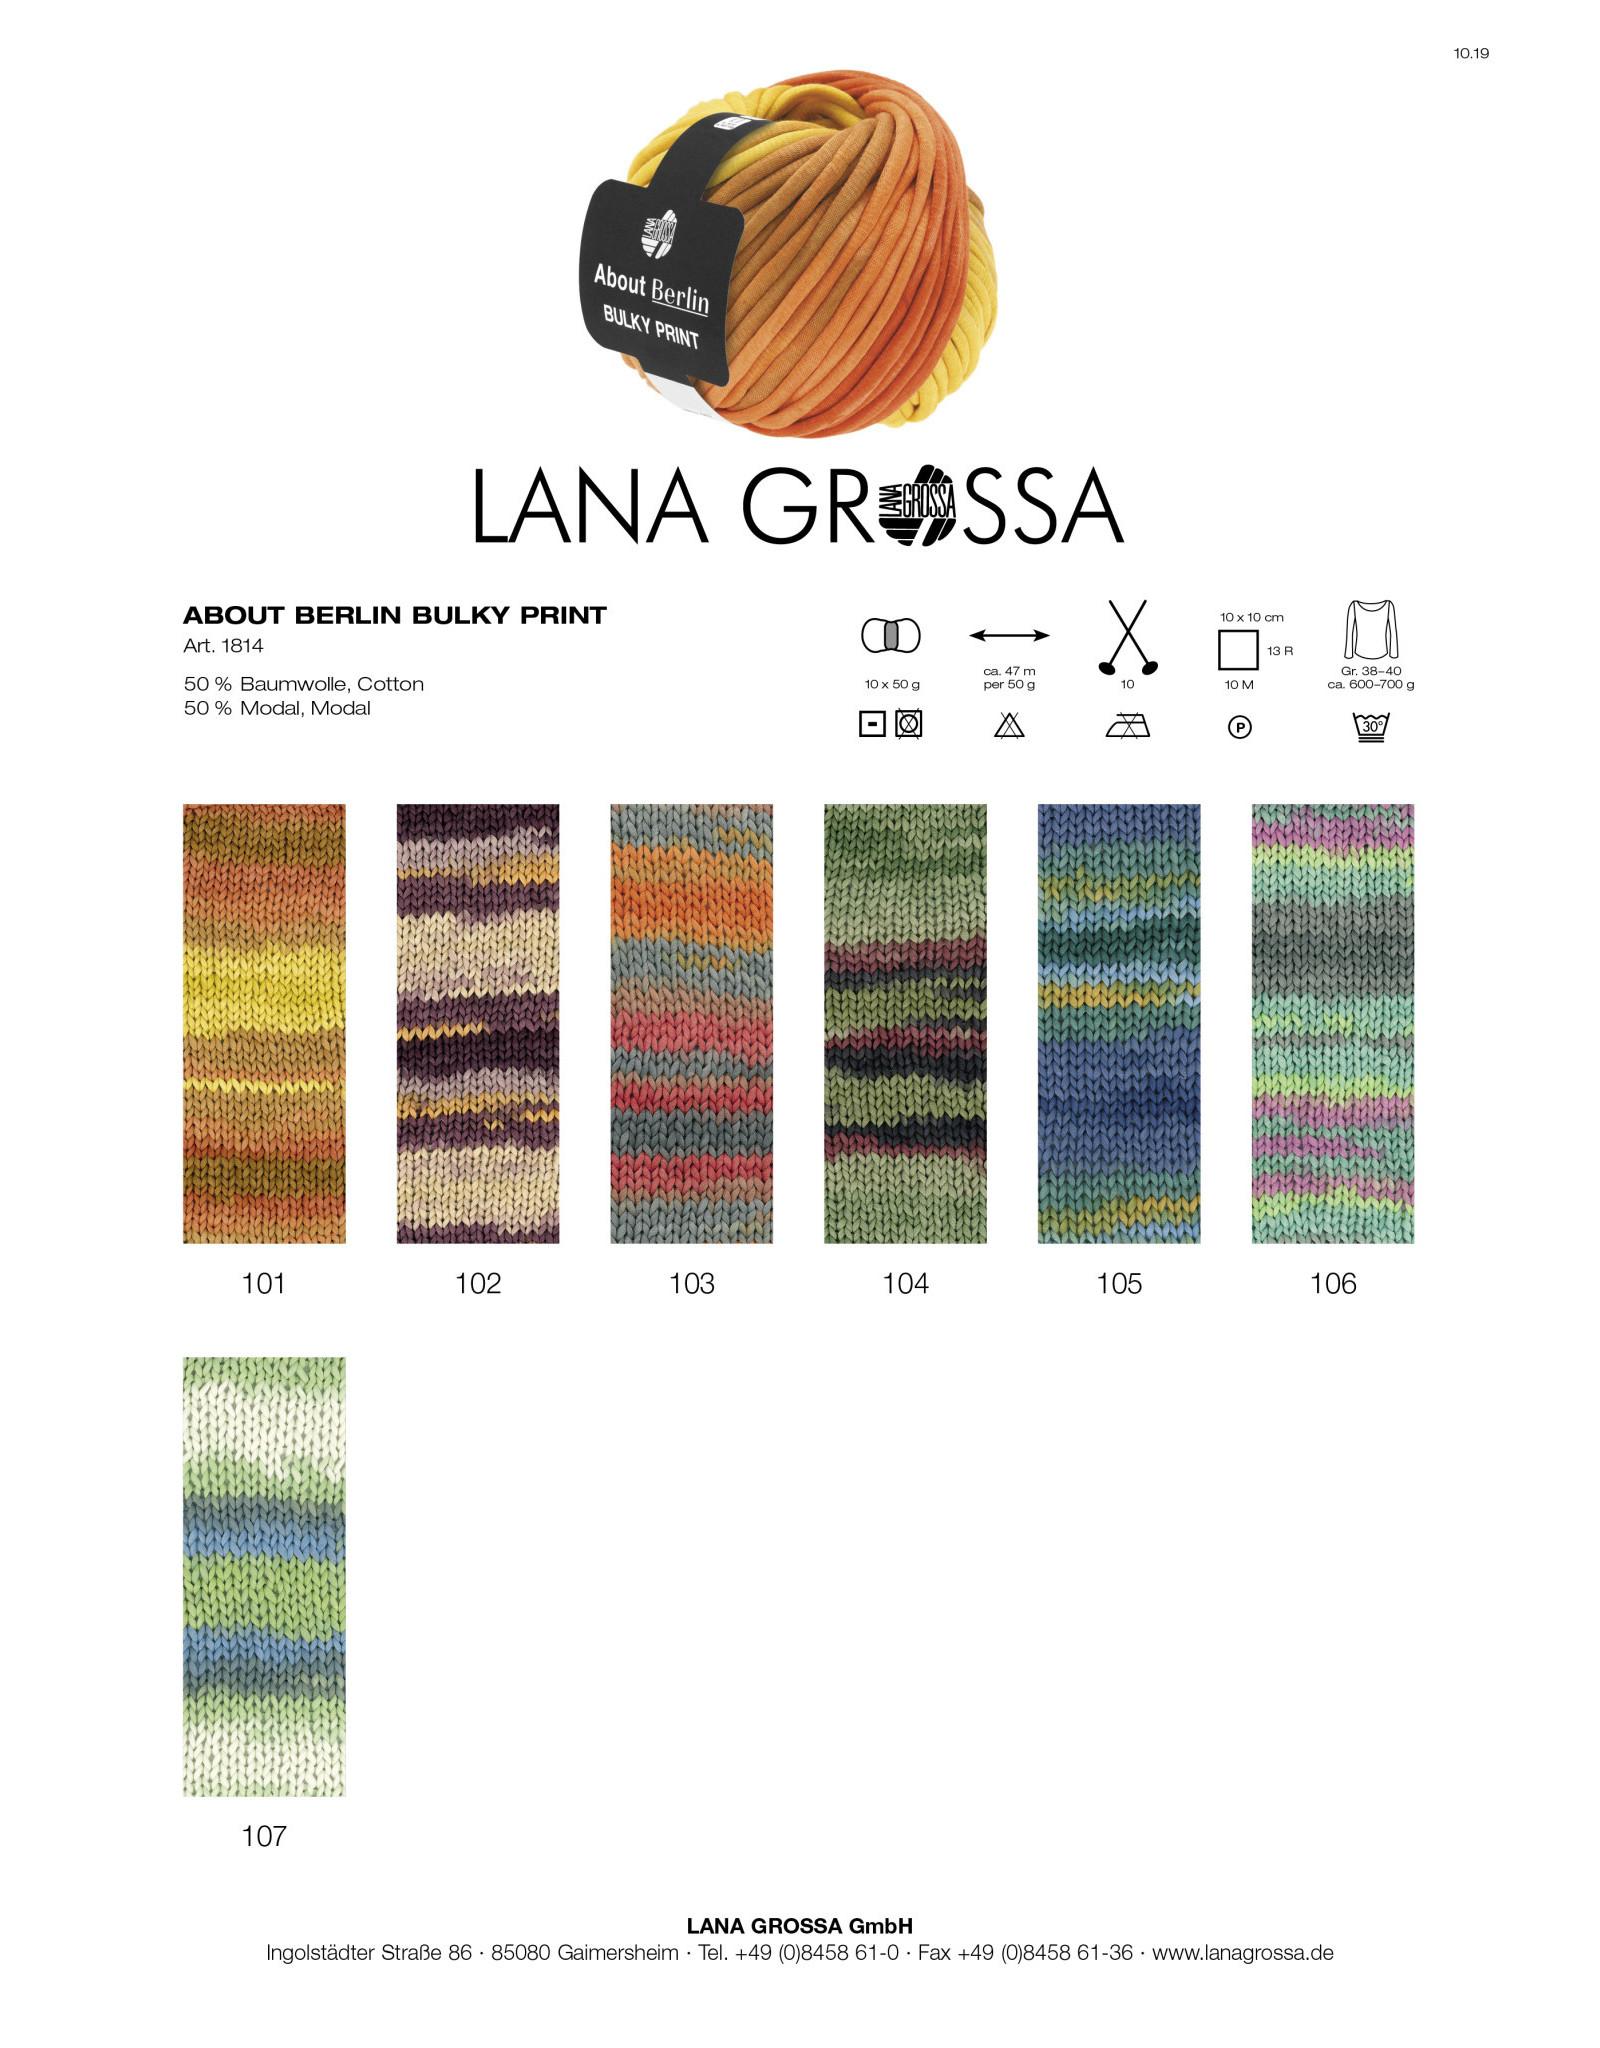 Lana Grossa About Berlin Bulky Print van Lana Grossa - 47 m - 50 g